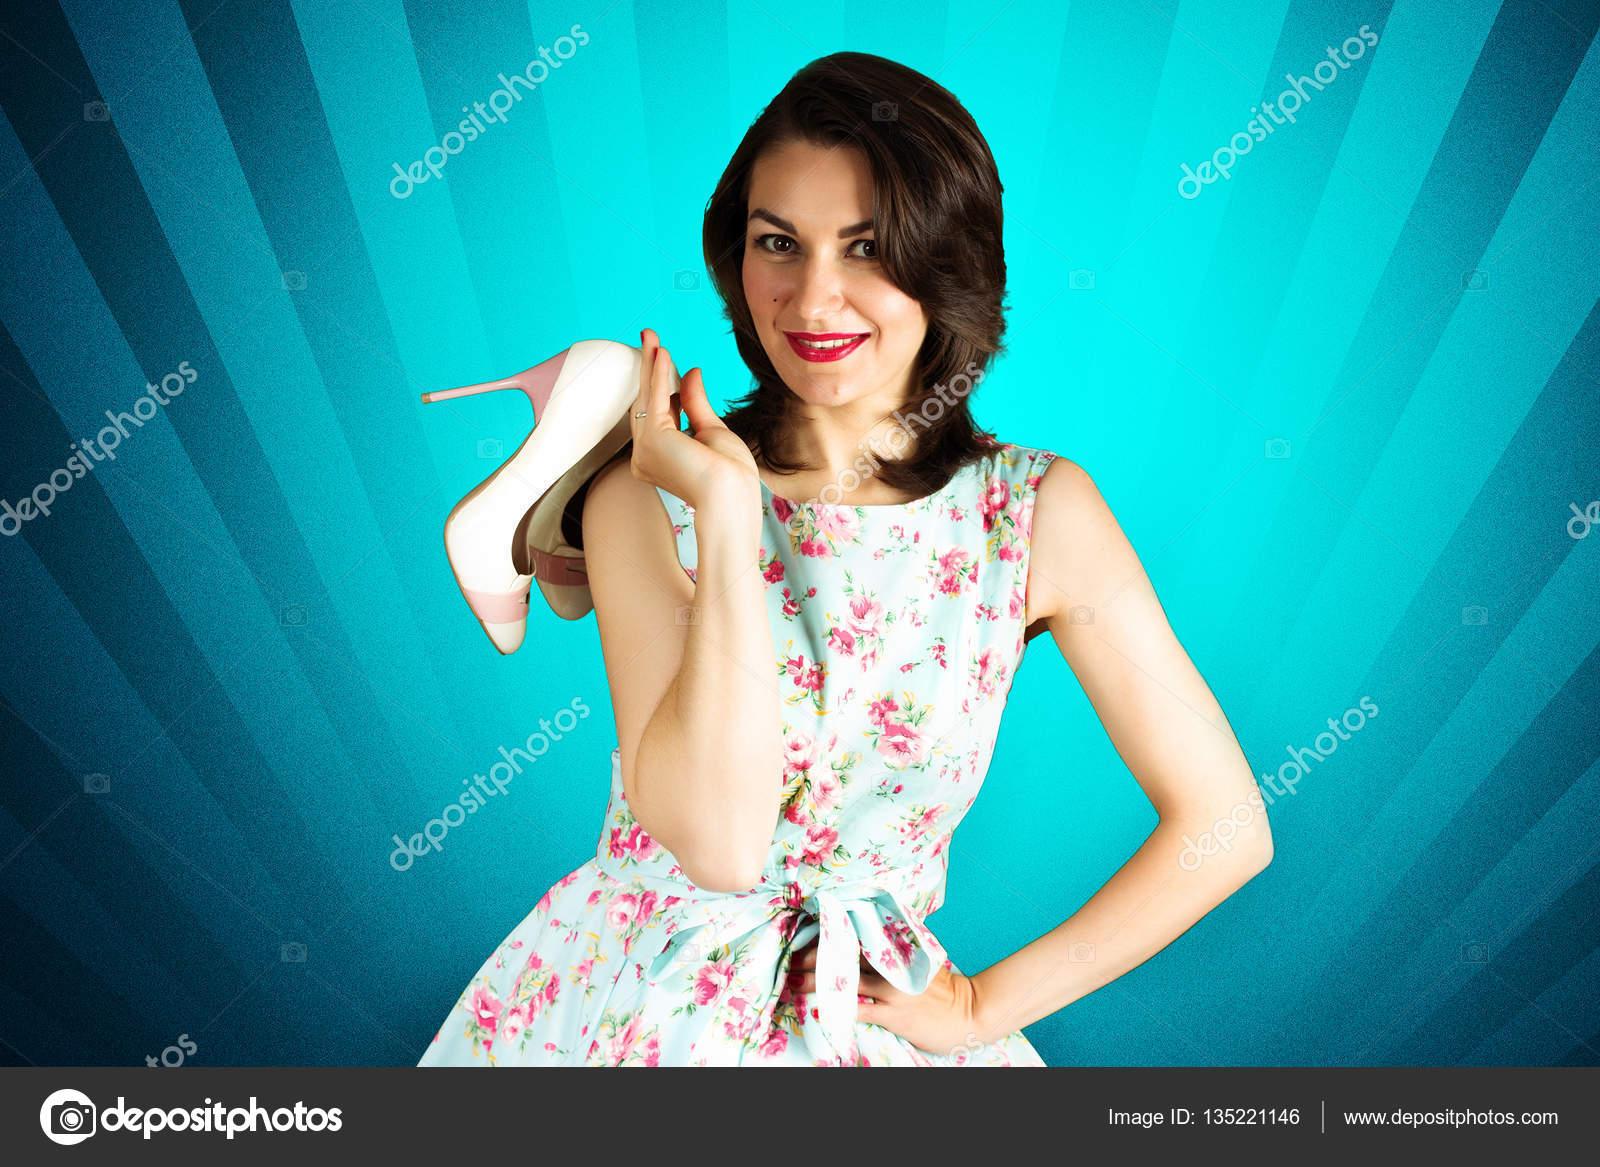 092639eface476 Schoonheid lachende pin-up girl met schoenen op blauwe achtergrond —  Stockfoto